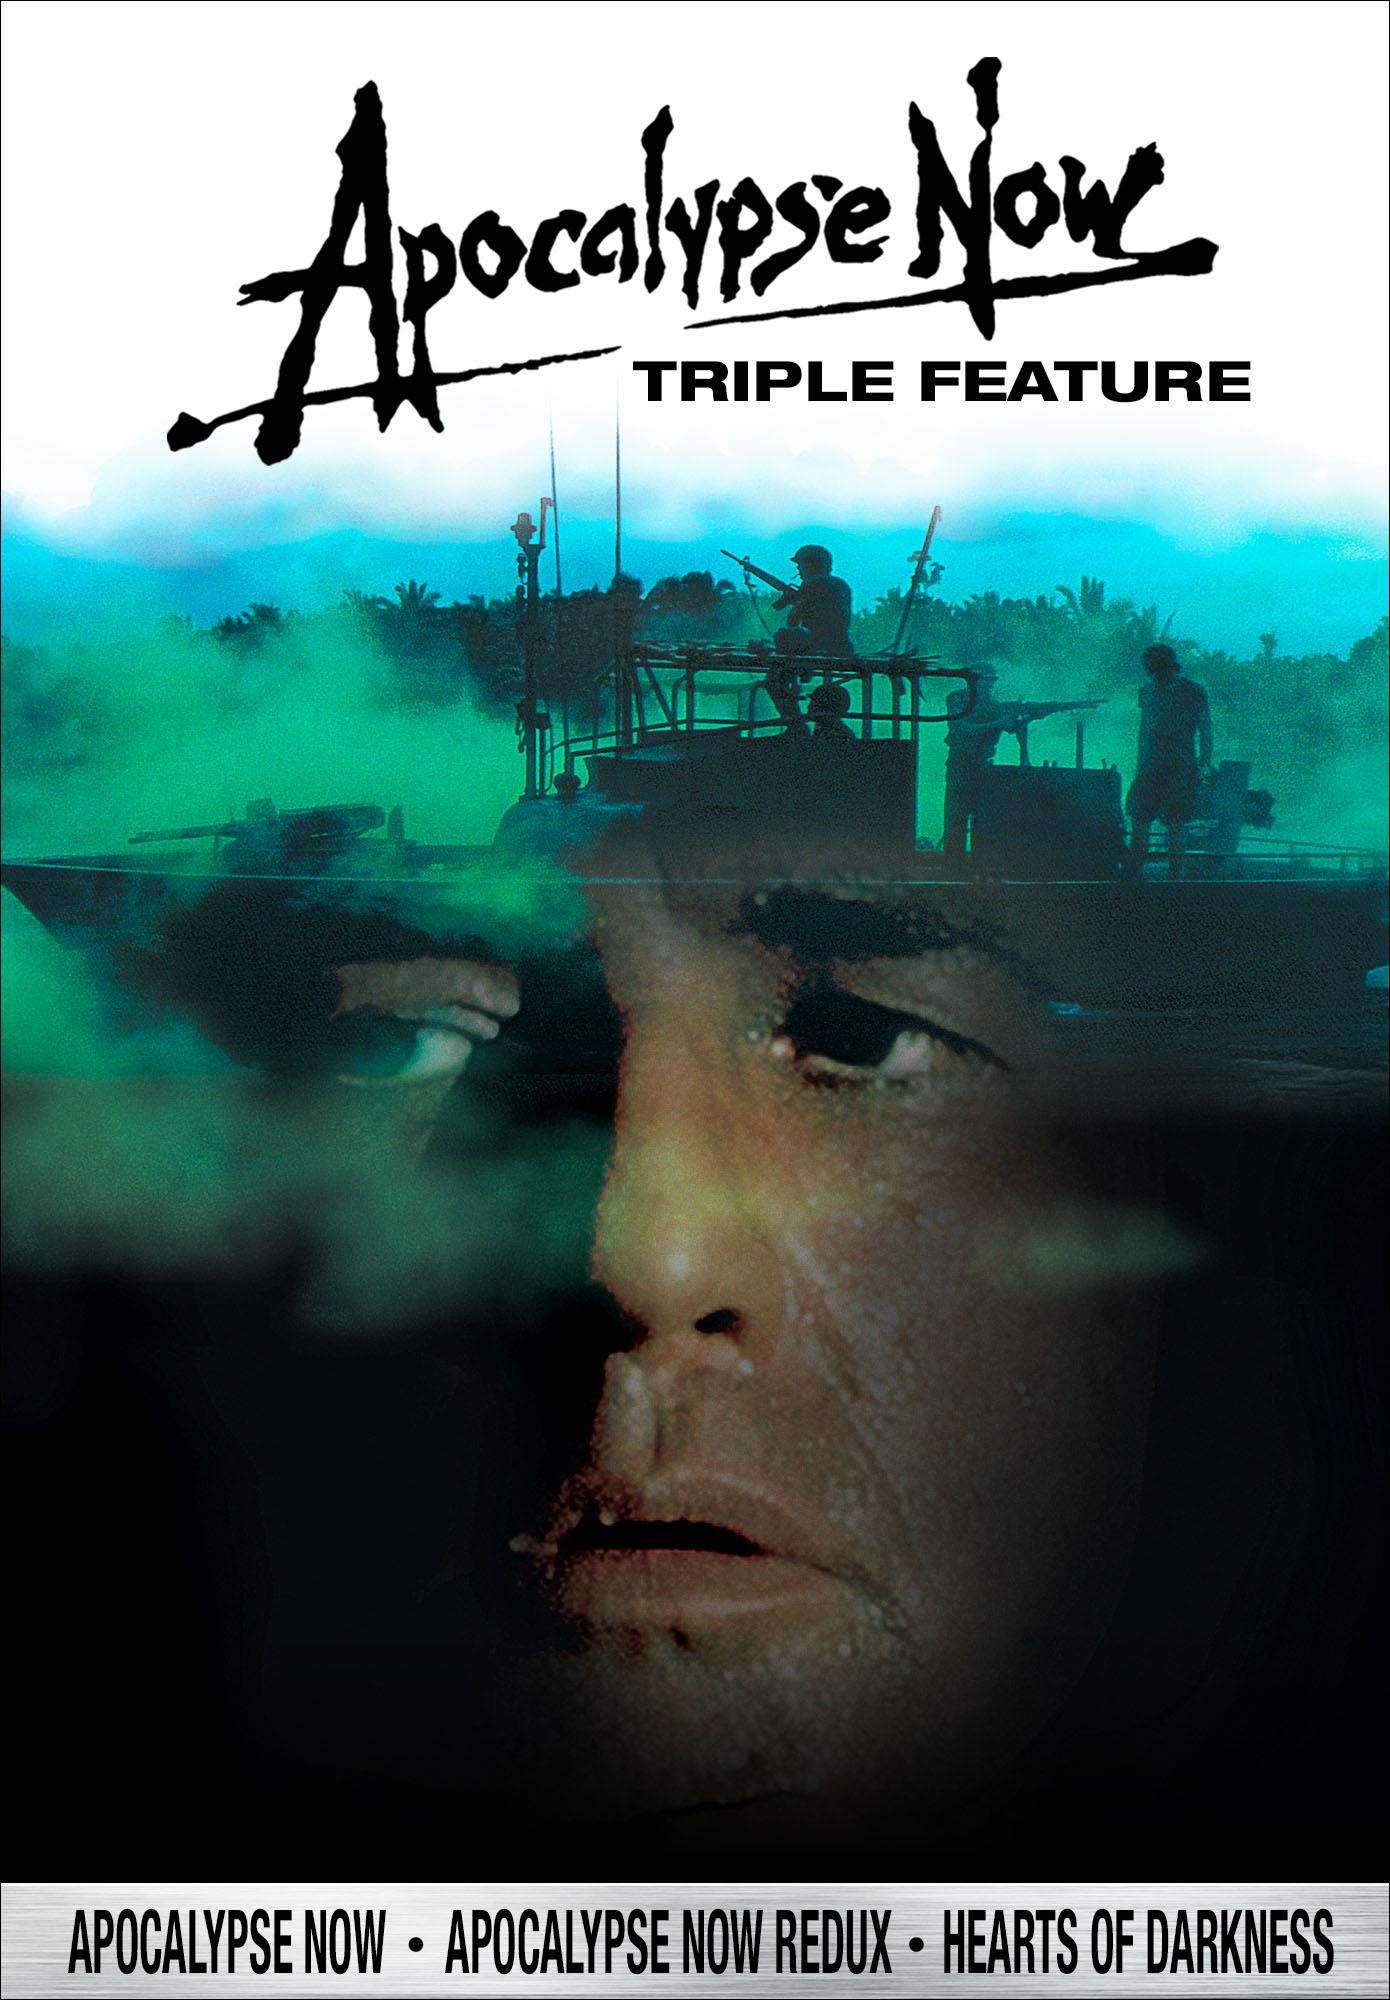 Apocalypse Triple Feature